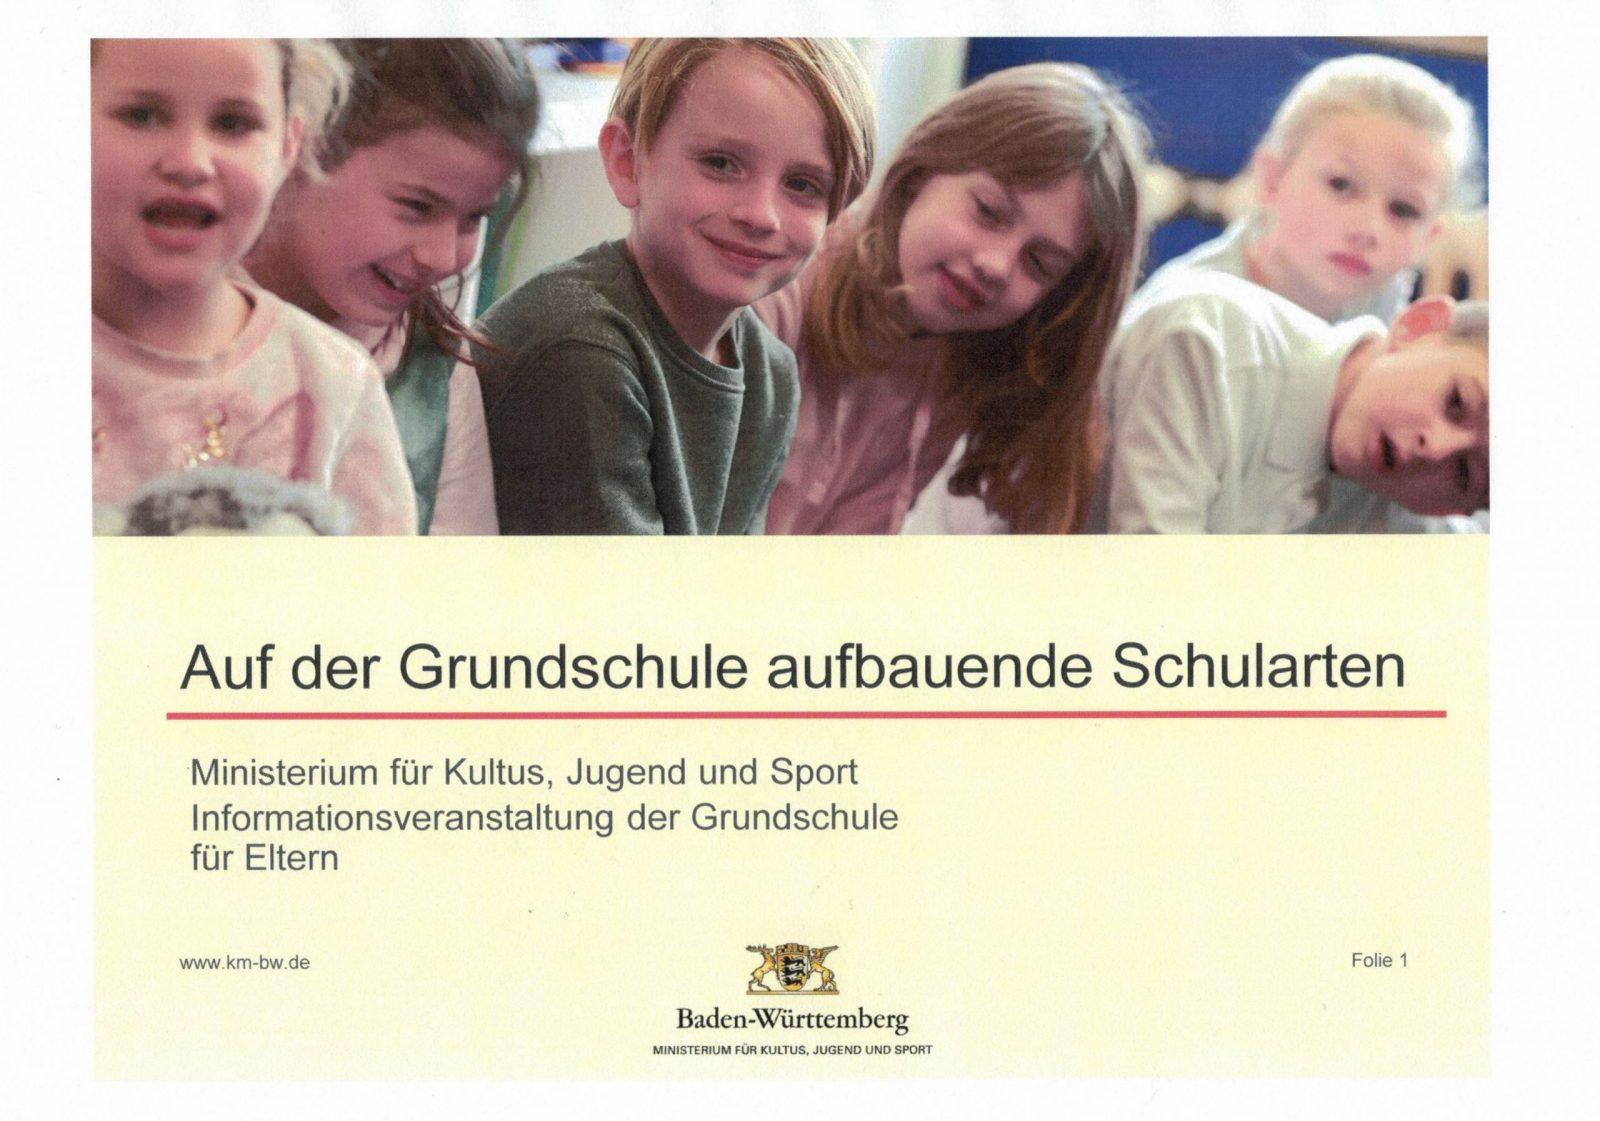 Information für unsere Viertklasseltern